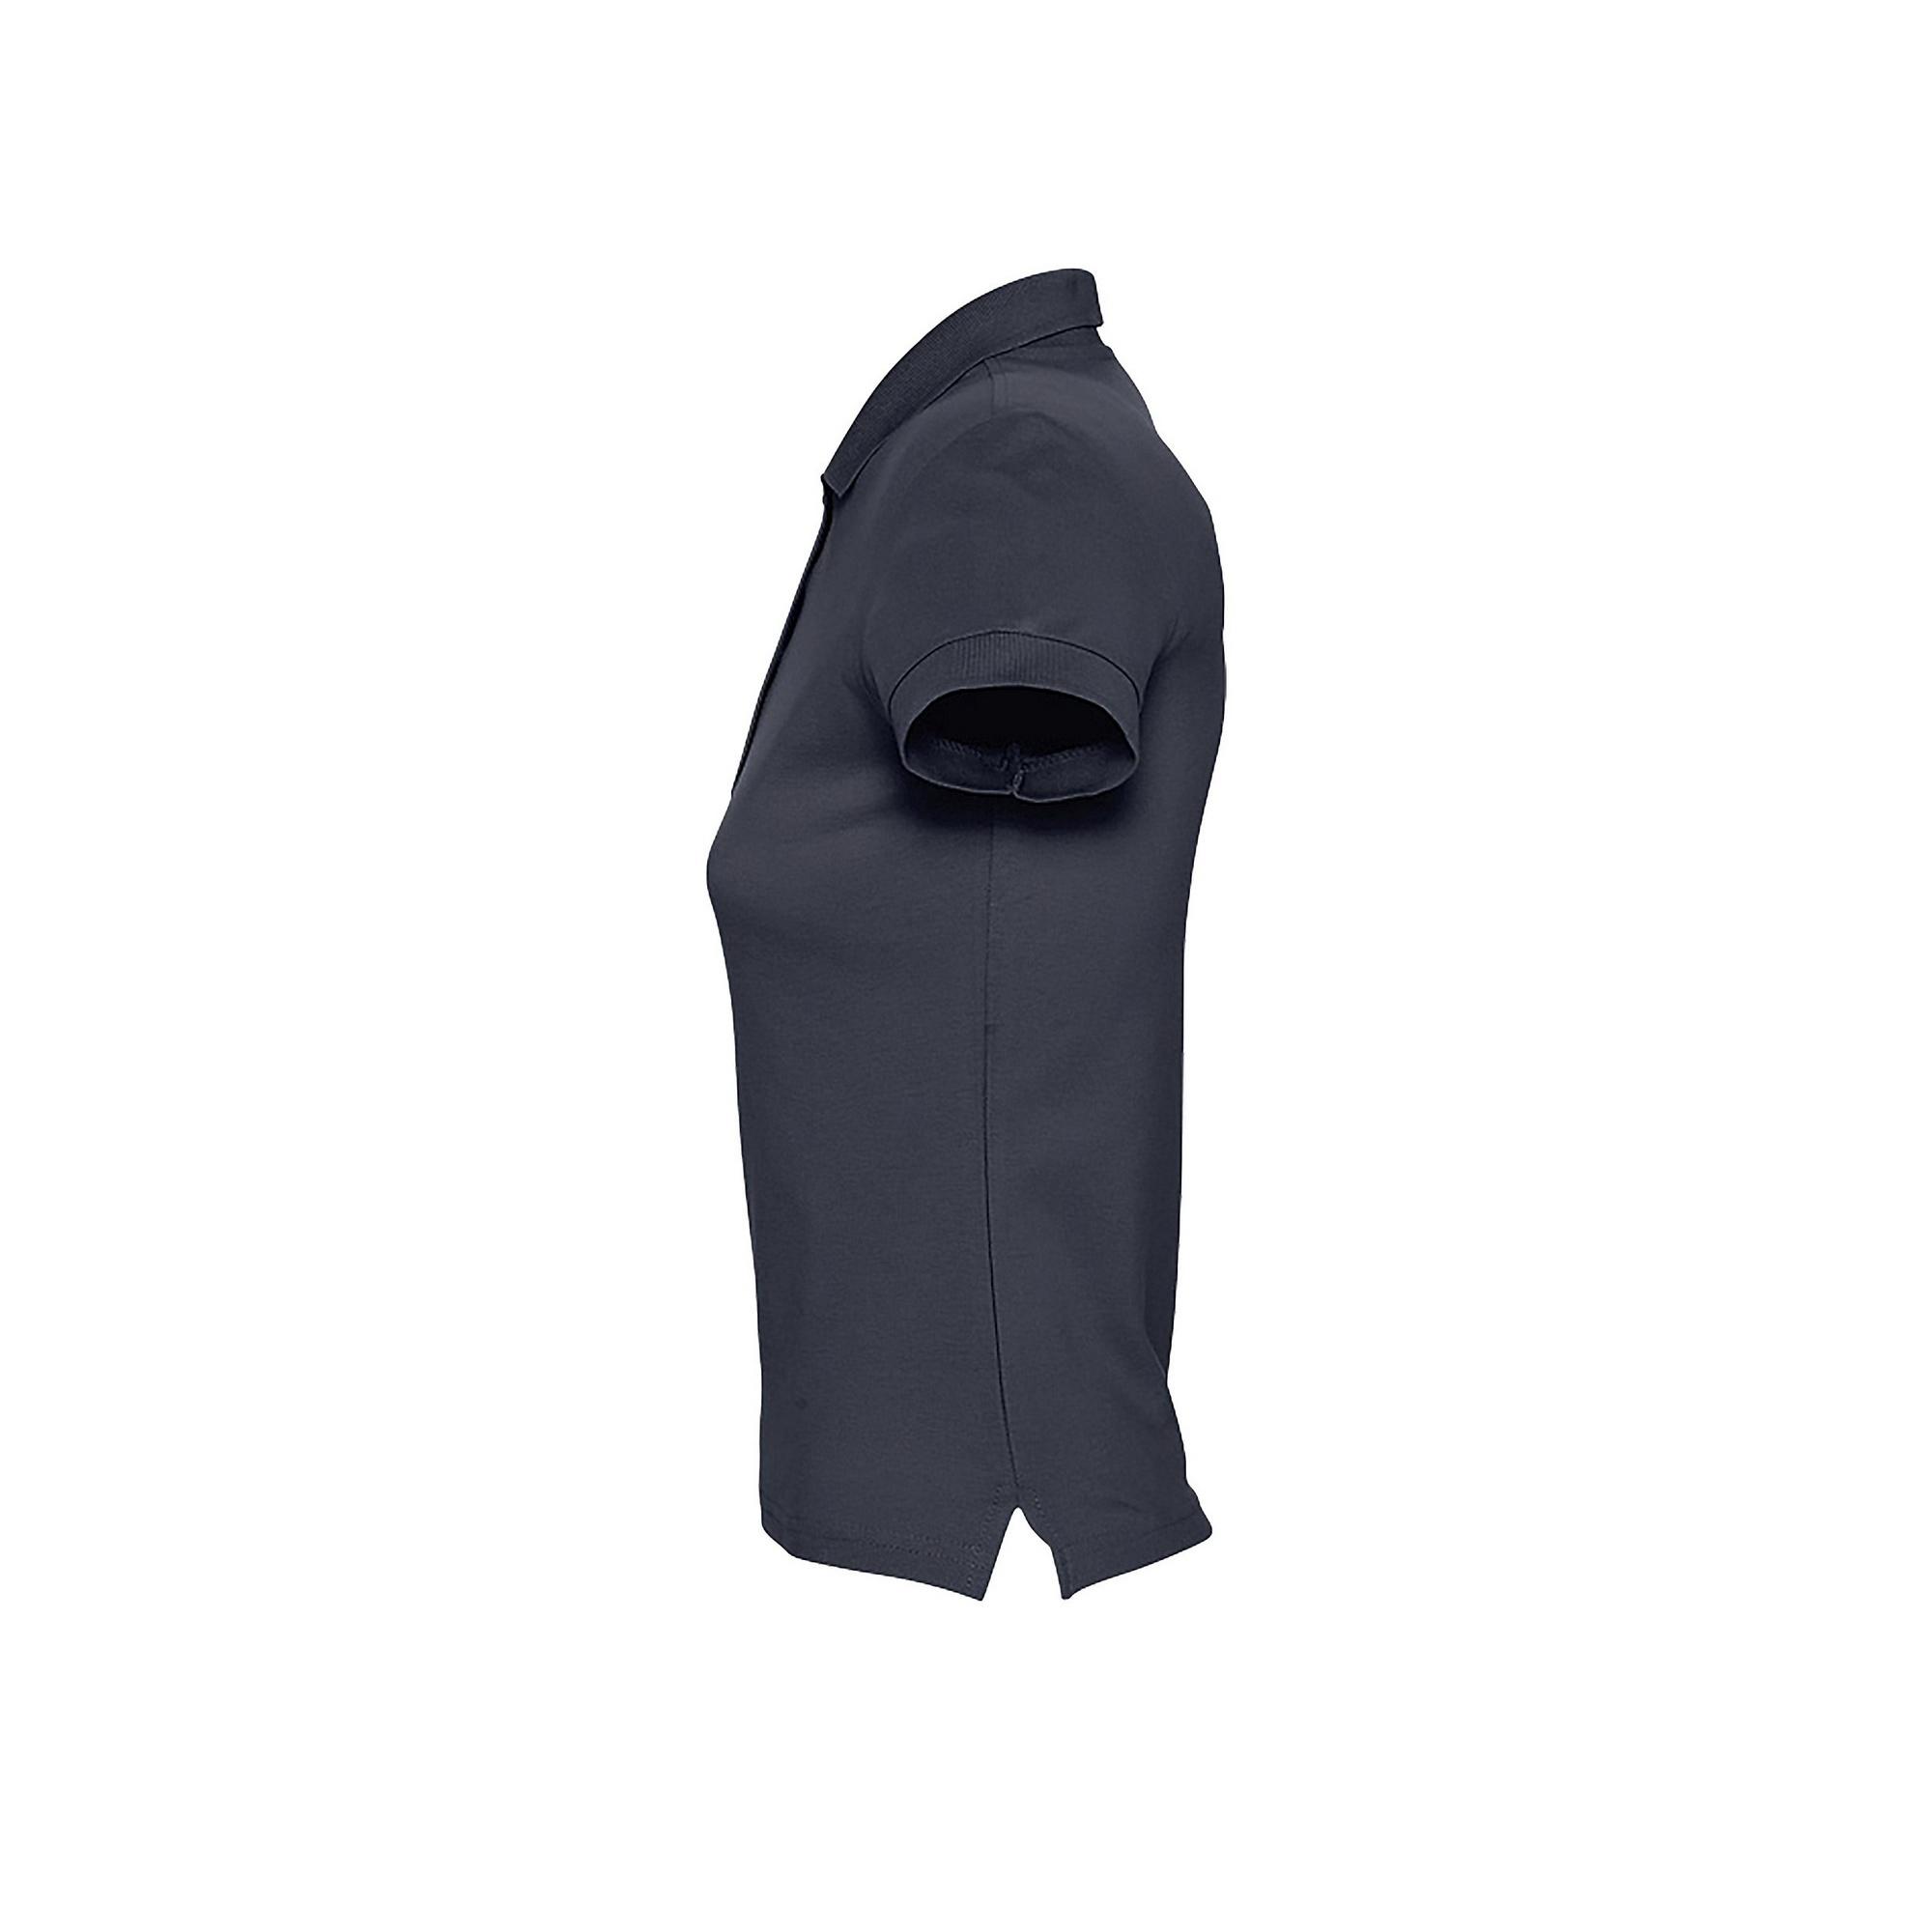 miniature 23 - SOLS Passion - Polo 100% coton à manches courtes - Femme (S-2XL) 16 (PC317)